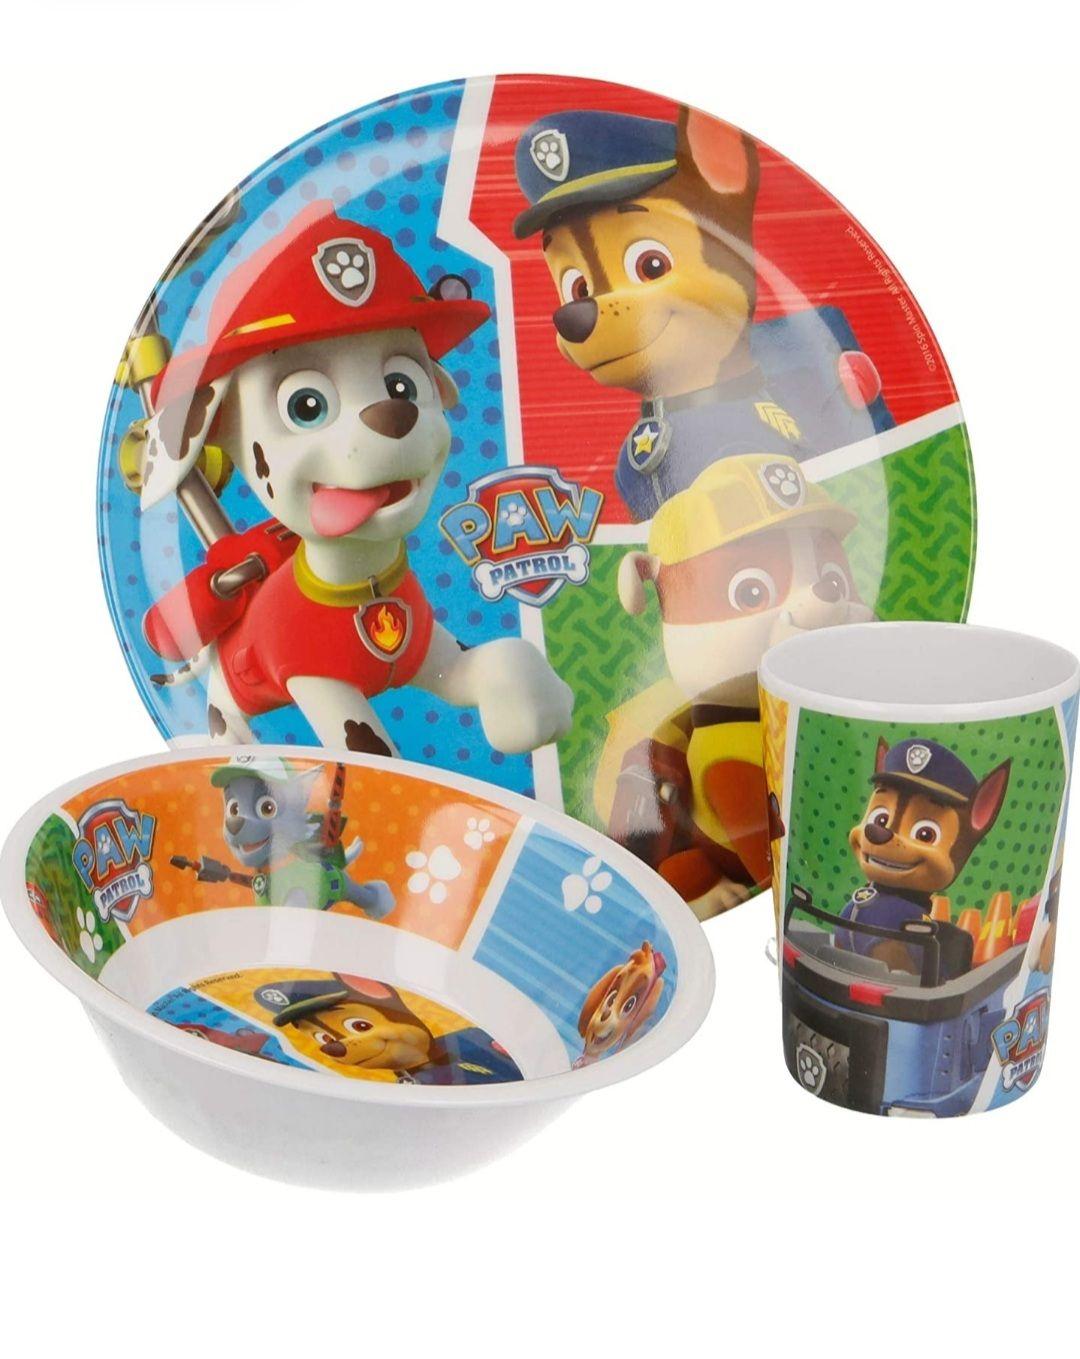 Set de vaisselle en mélamine 3 pièces Pat patrouille - Assiette, bol et verre (Vendeur tiers)